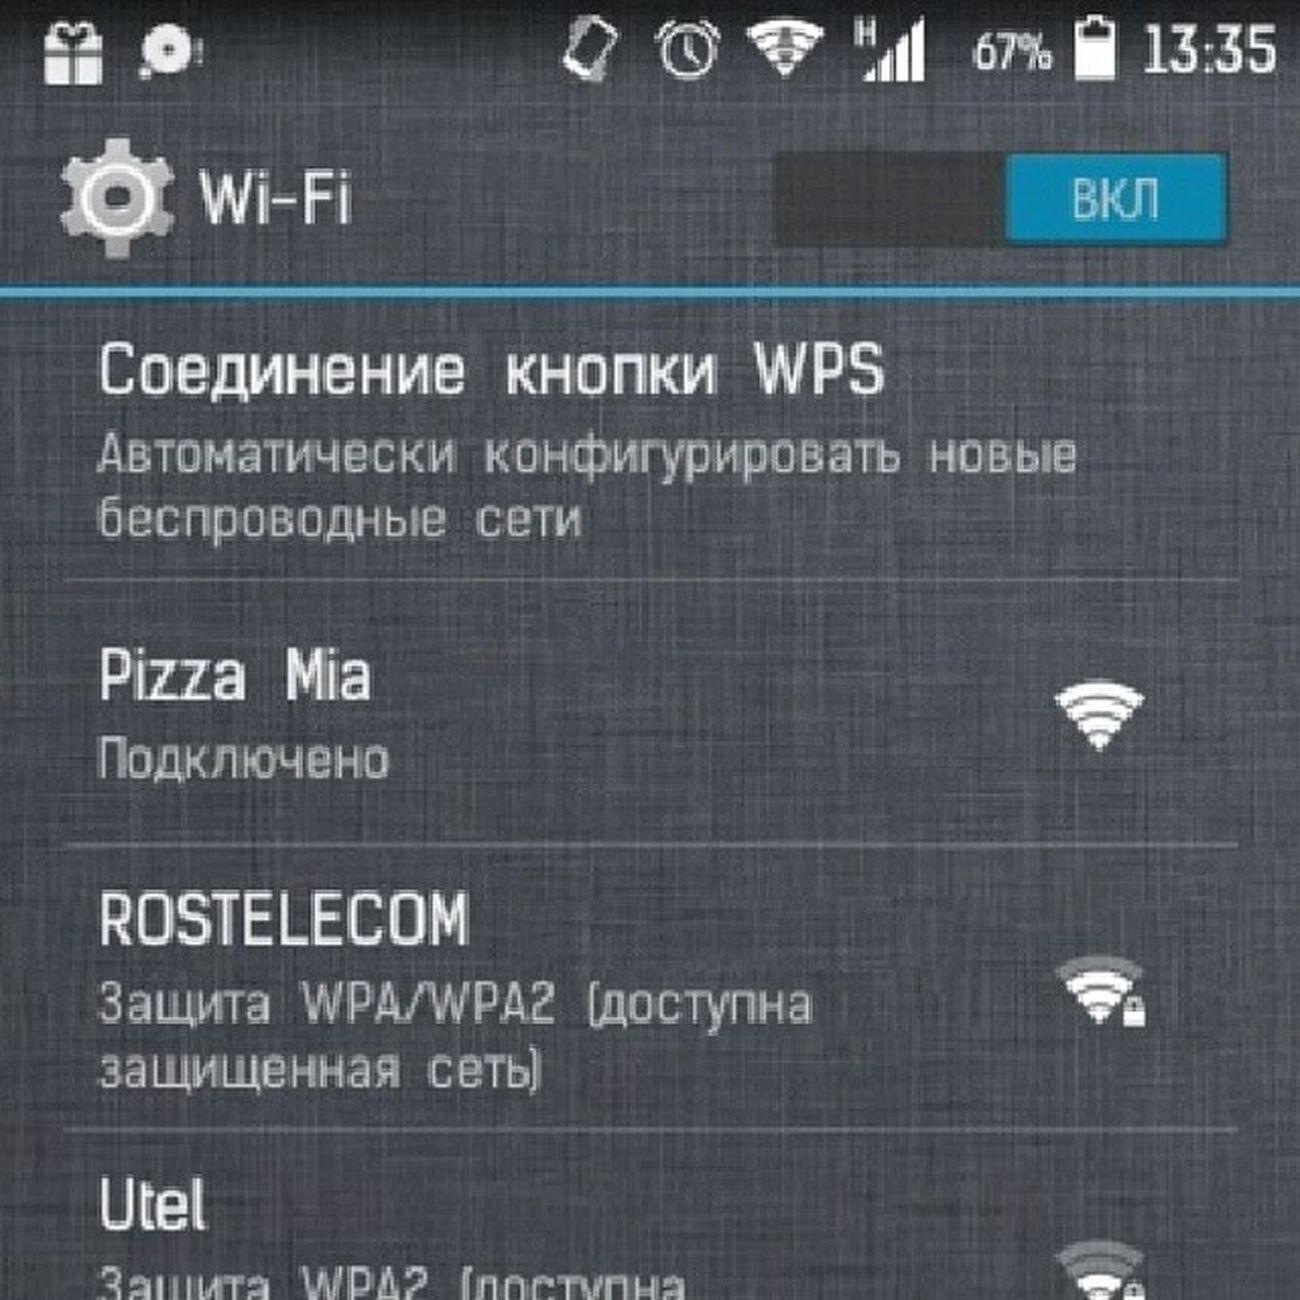 День бесплатного wi-fi с @usovanna_